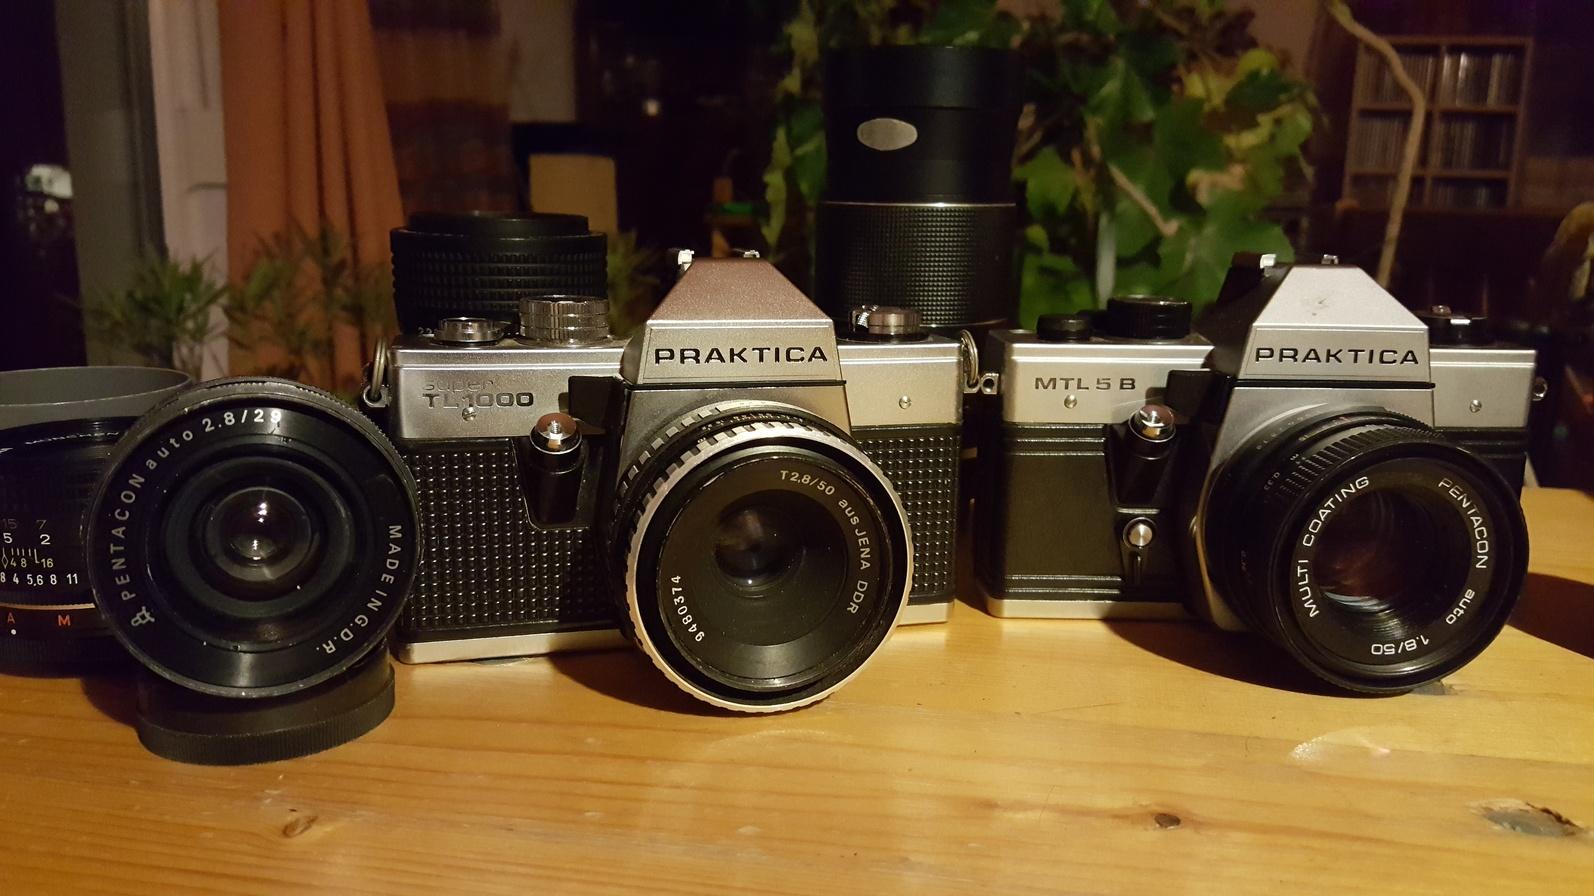 Neue Prakticas in der Kamerasammlung